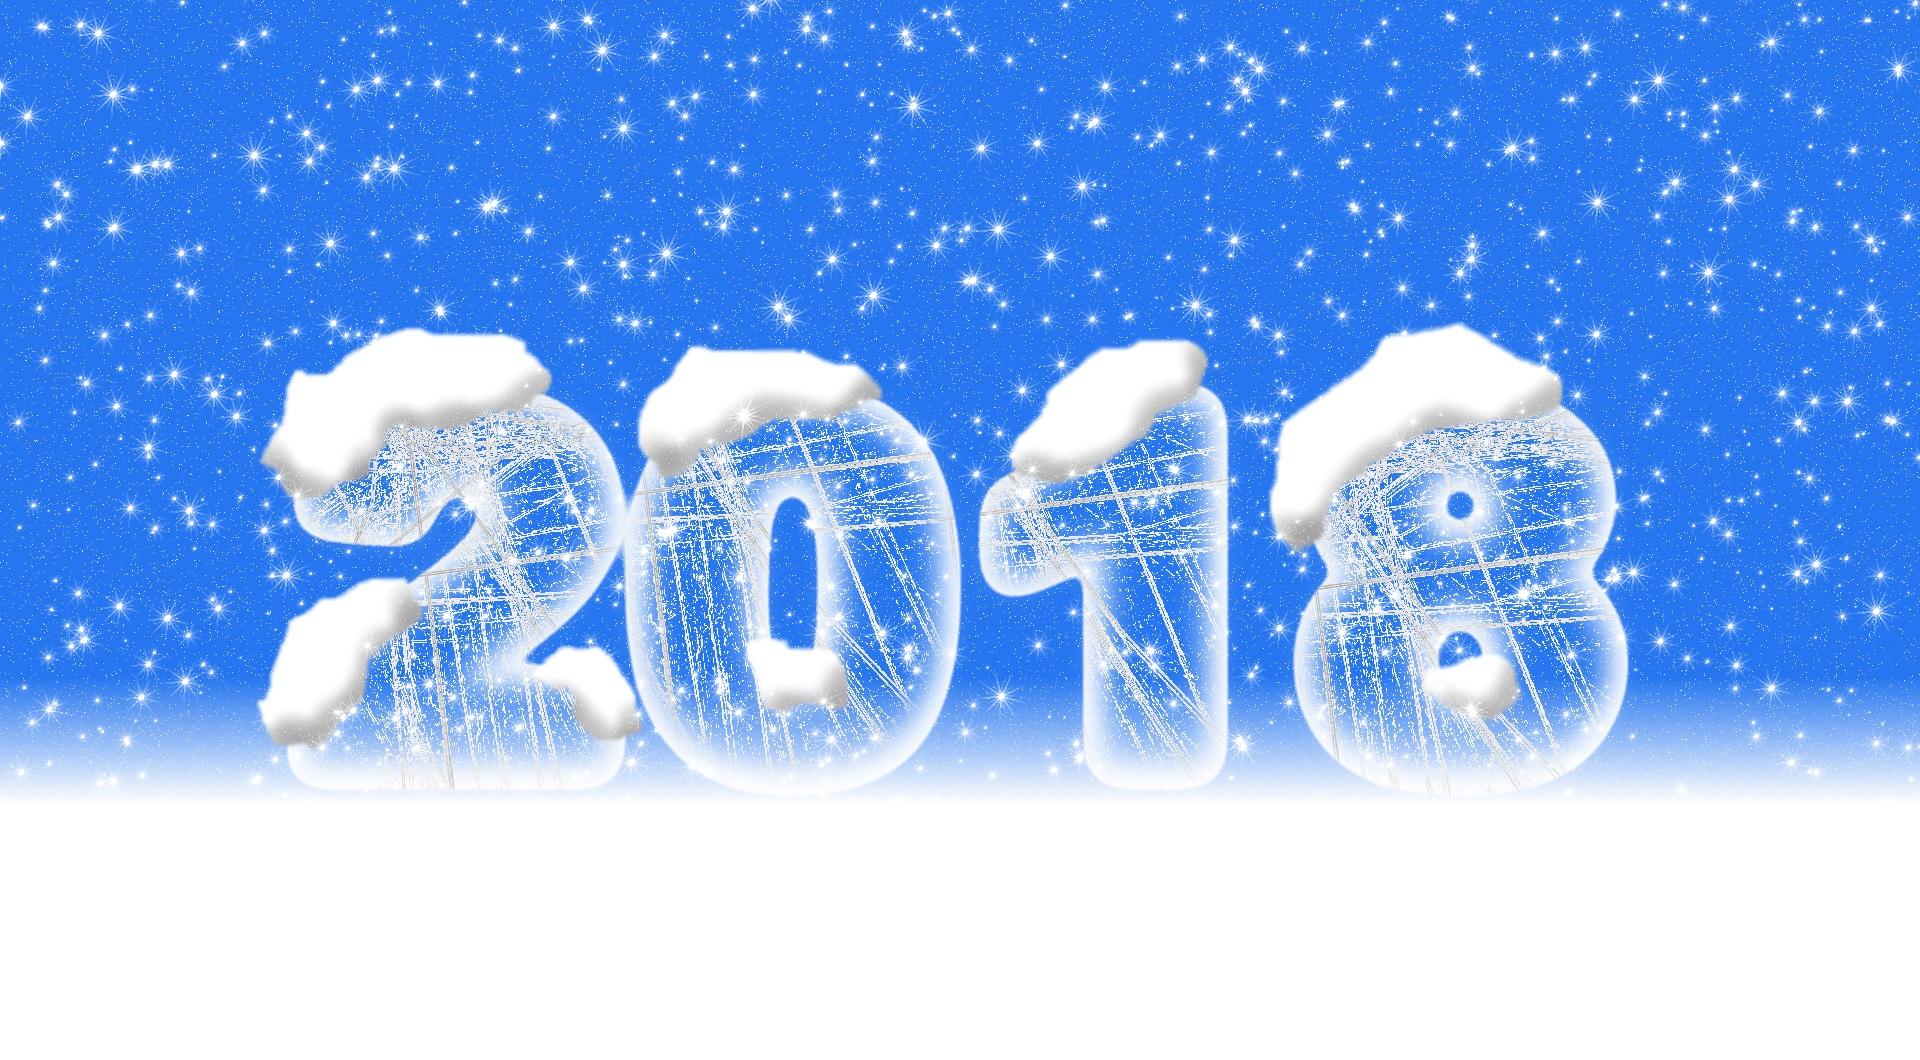 Тридевятом царстве, рисунки к новому году с надписями